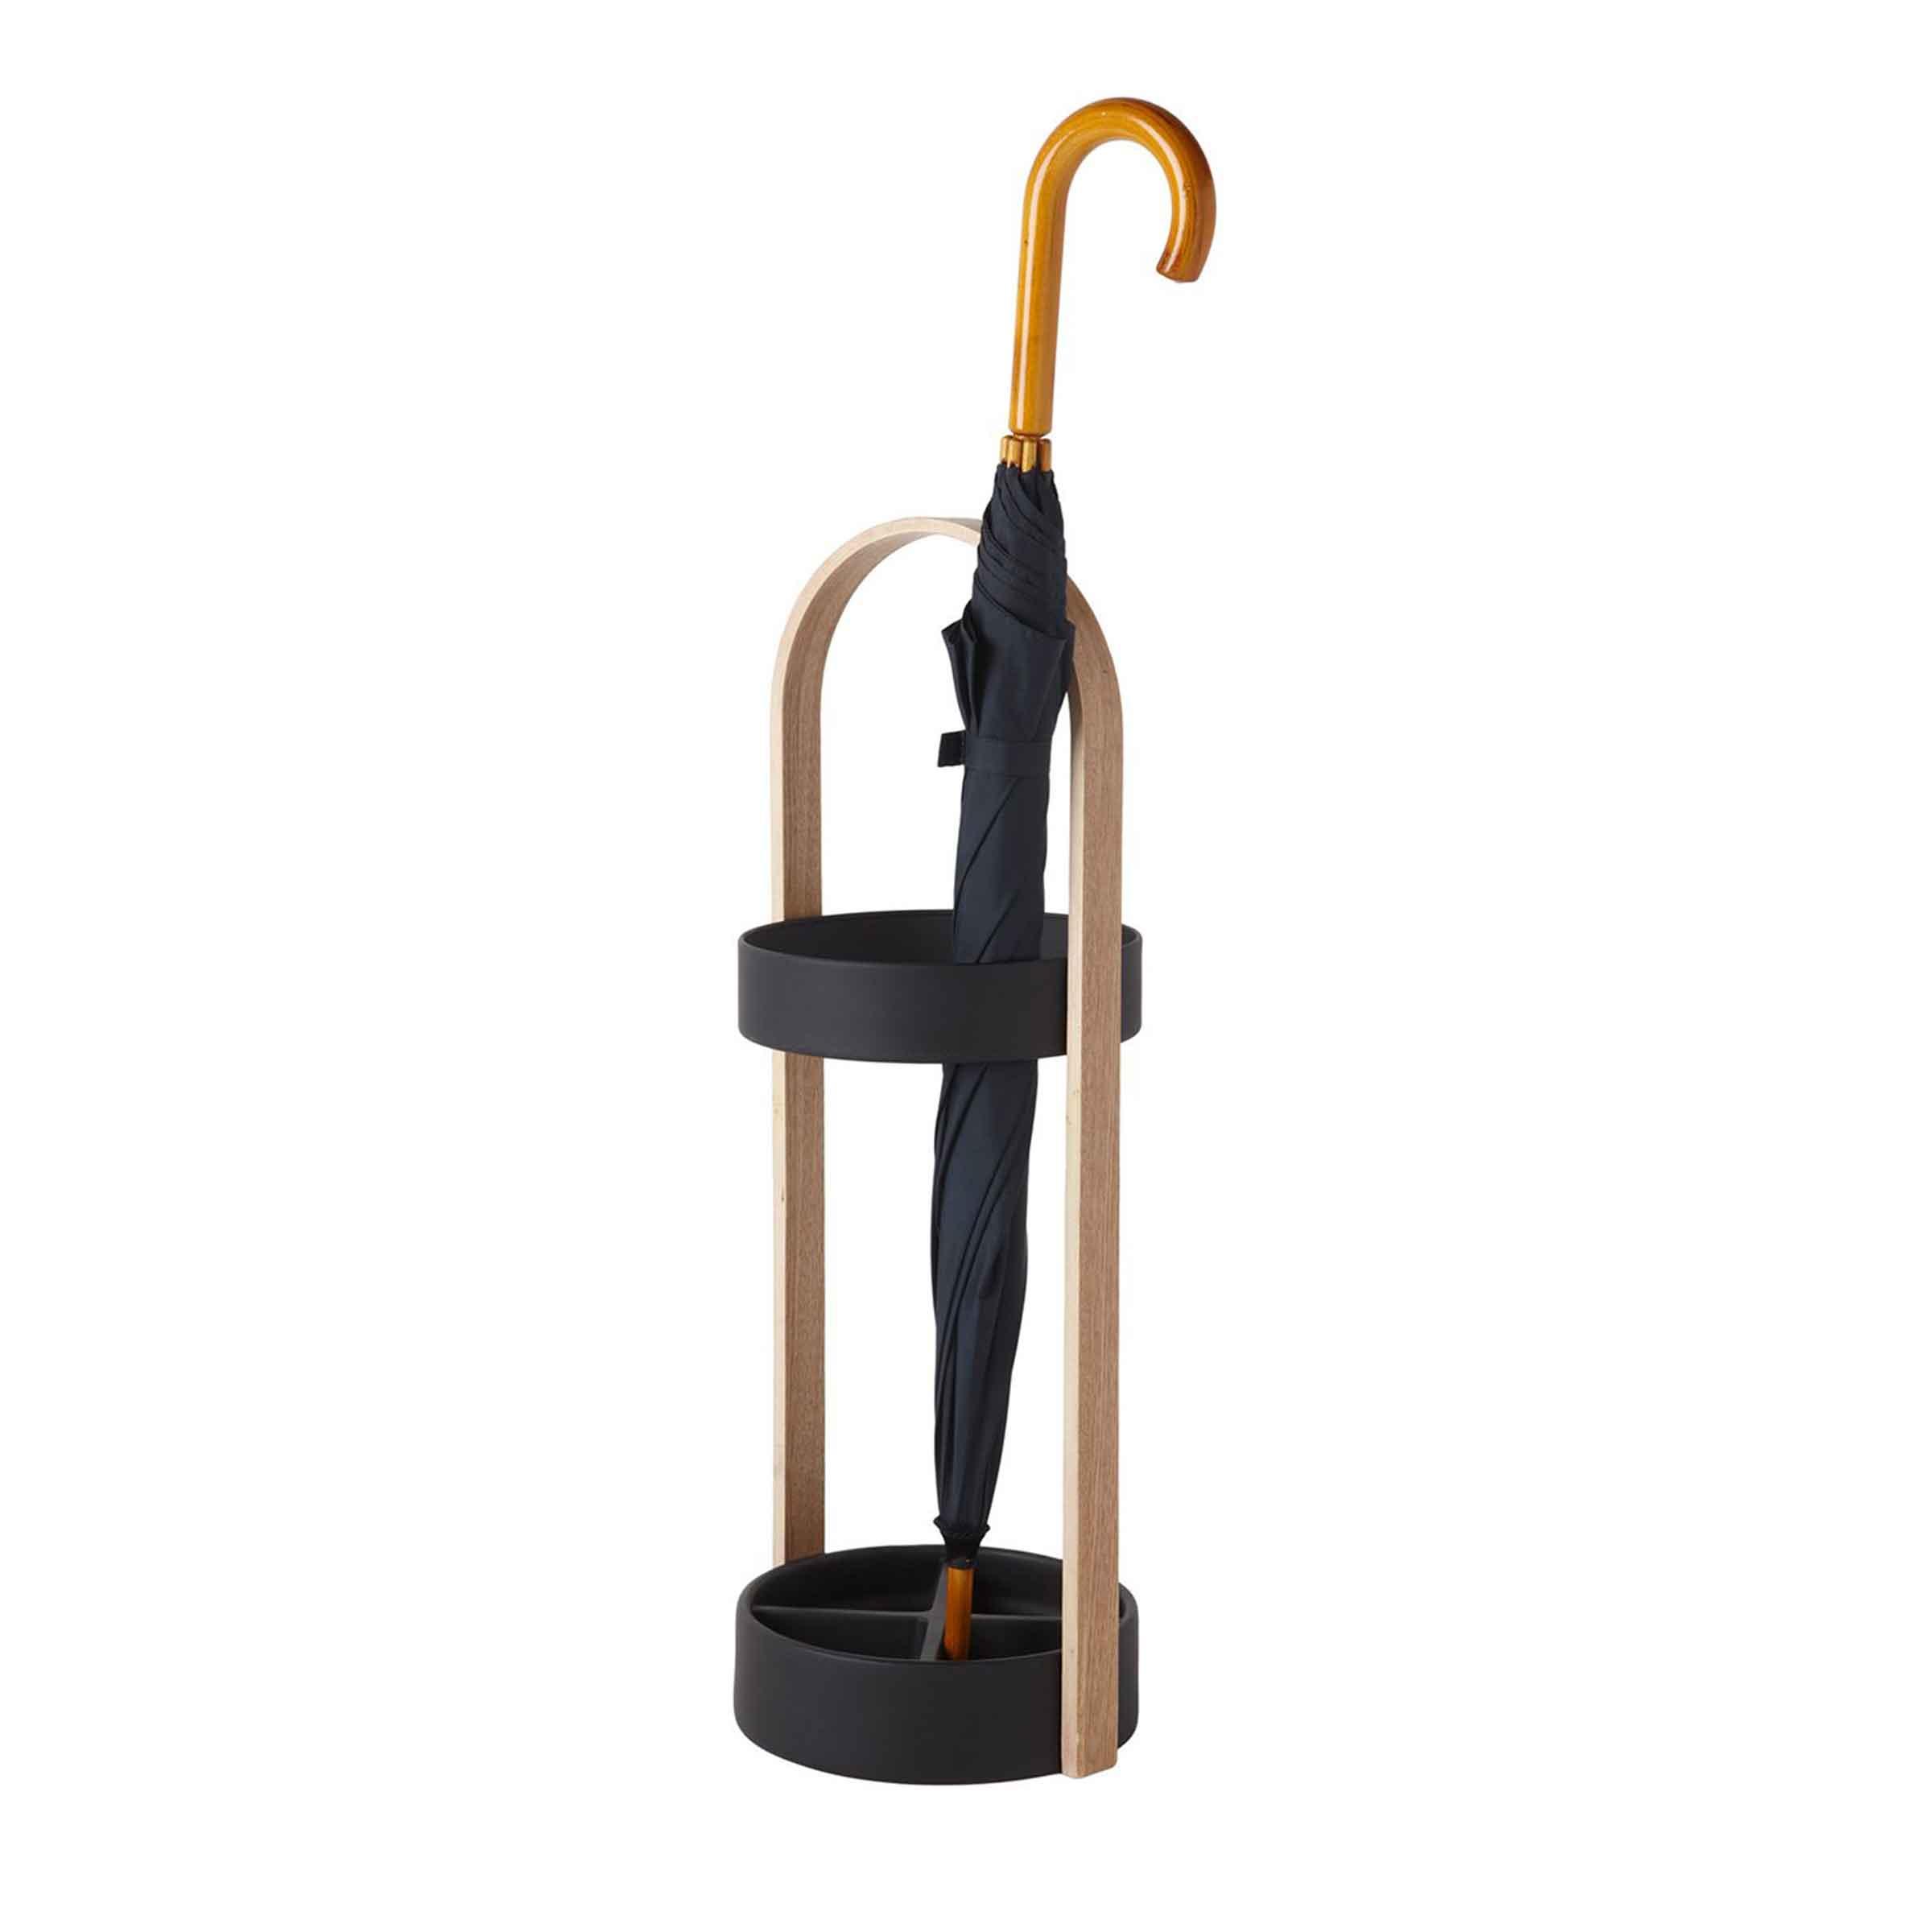 Porte-parapluie noir en résine et bois